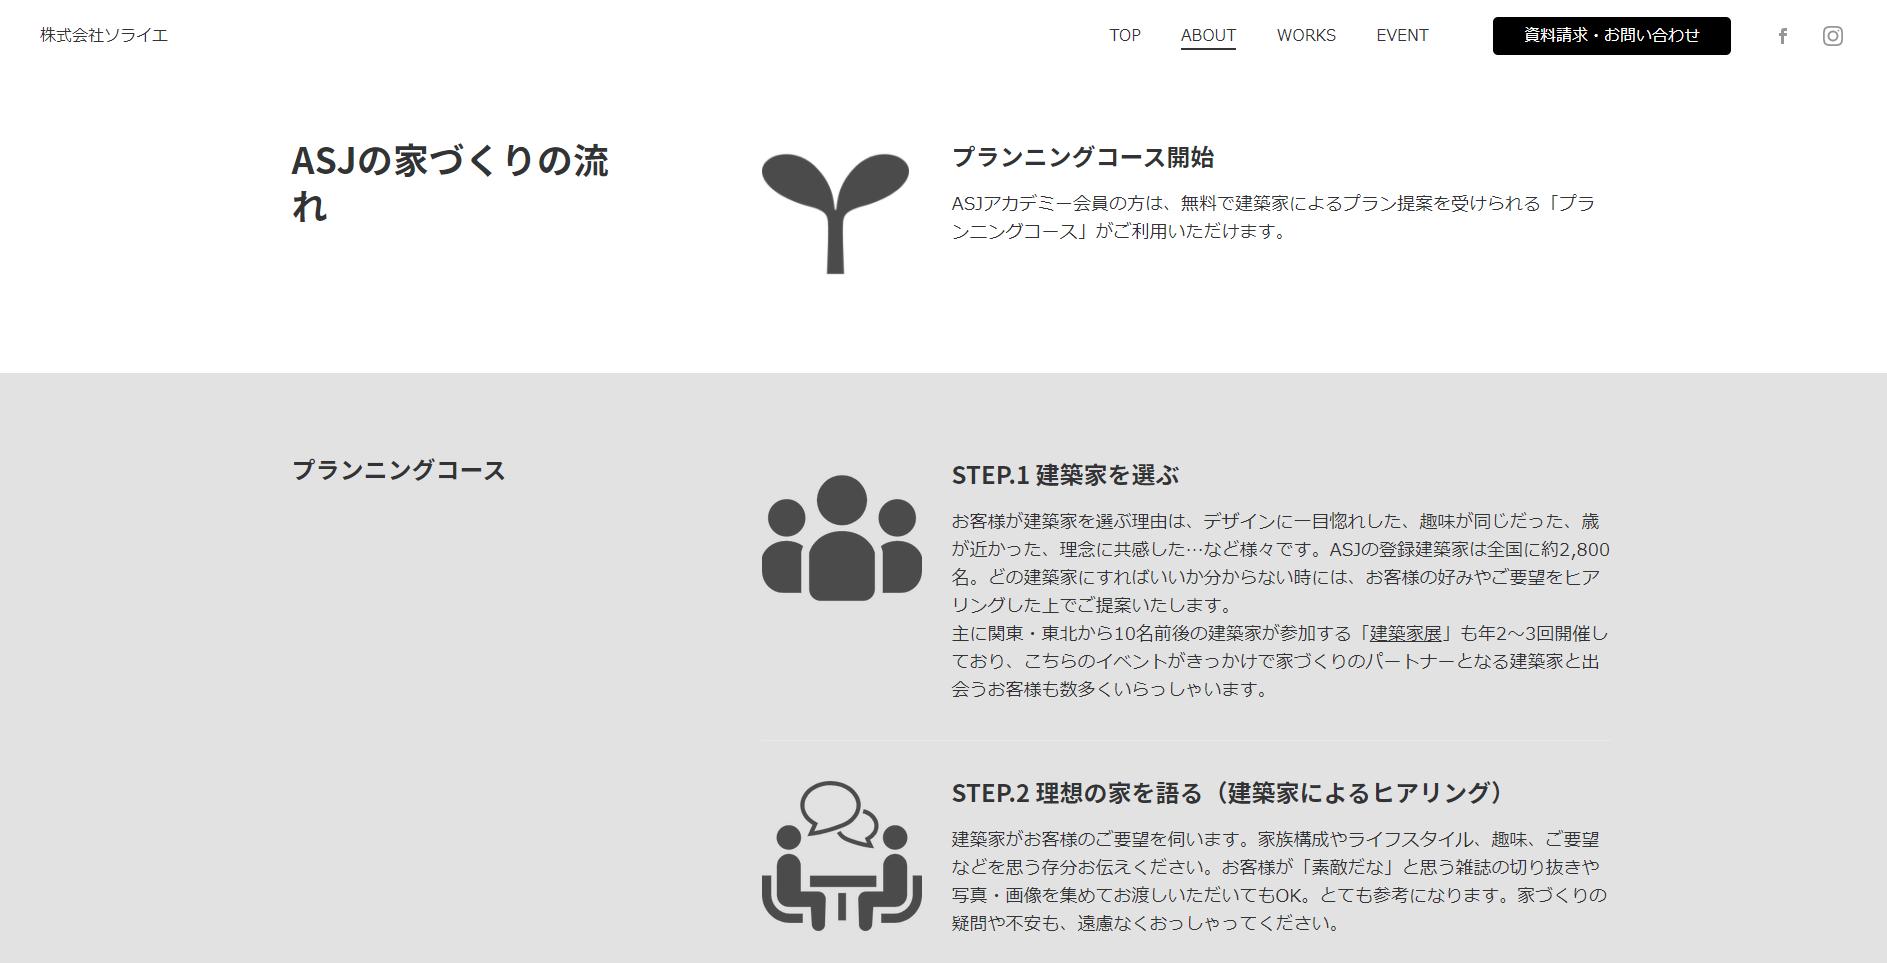 完成までの行程がホームページで詳細に見れるのも嬉しいポイント